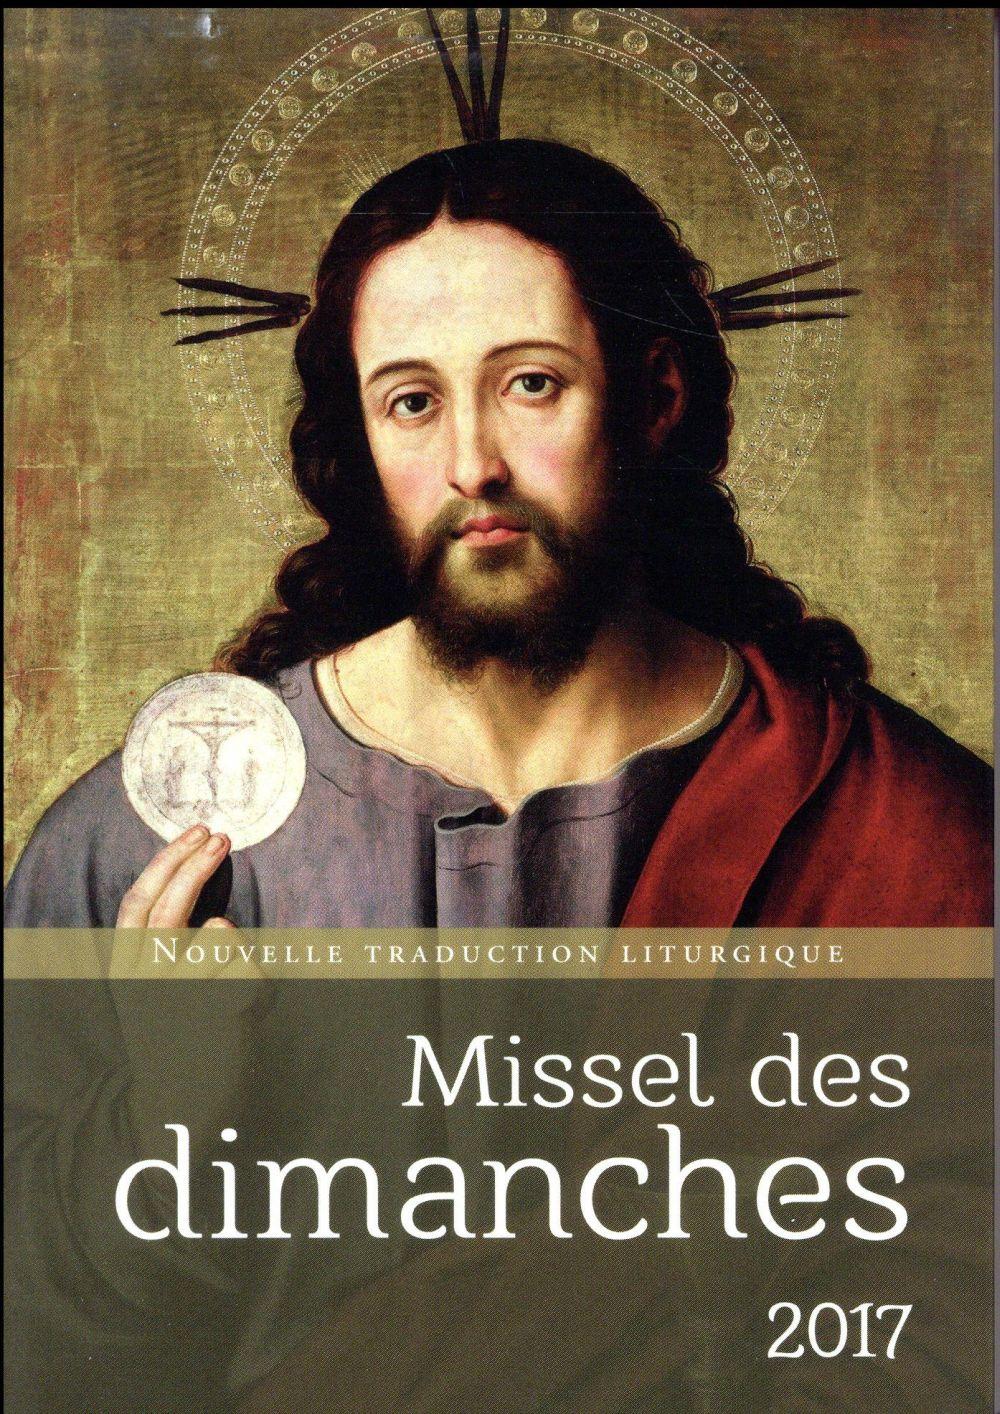 MISSEL DES DIMANCHES 2017